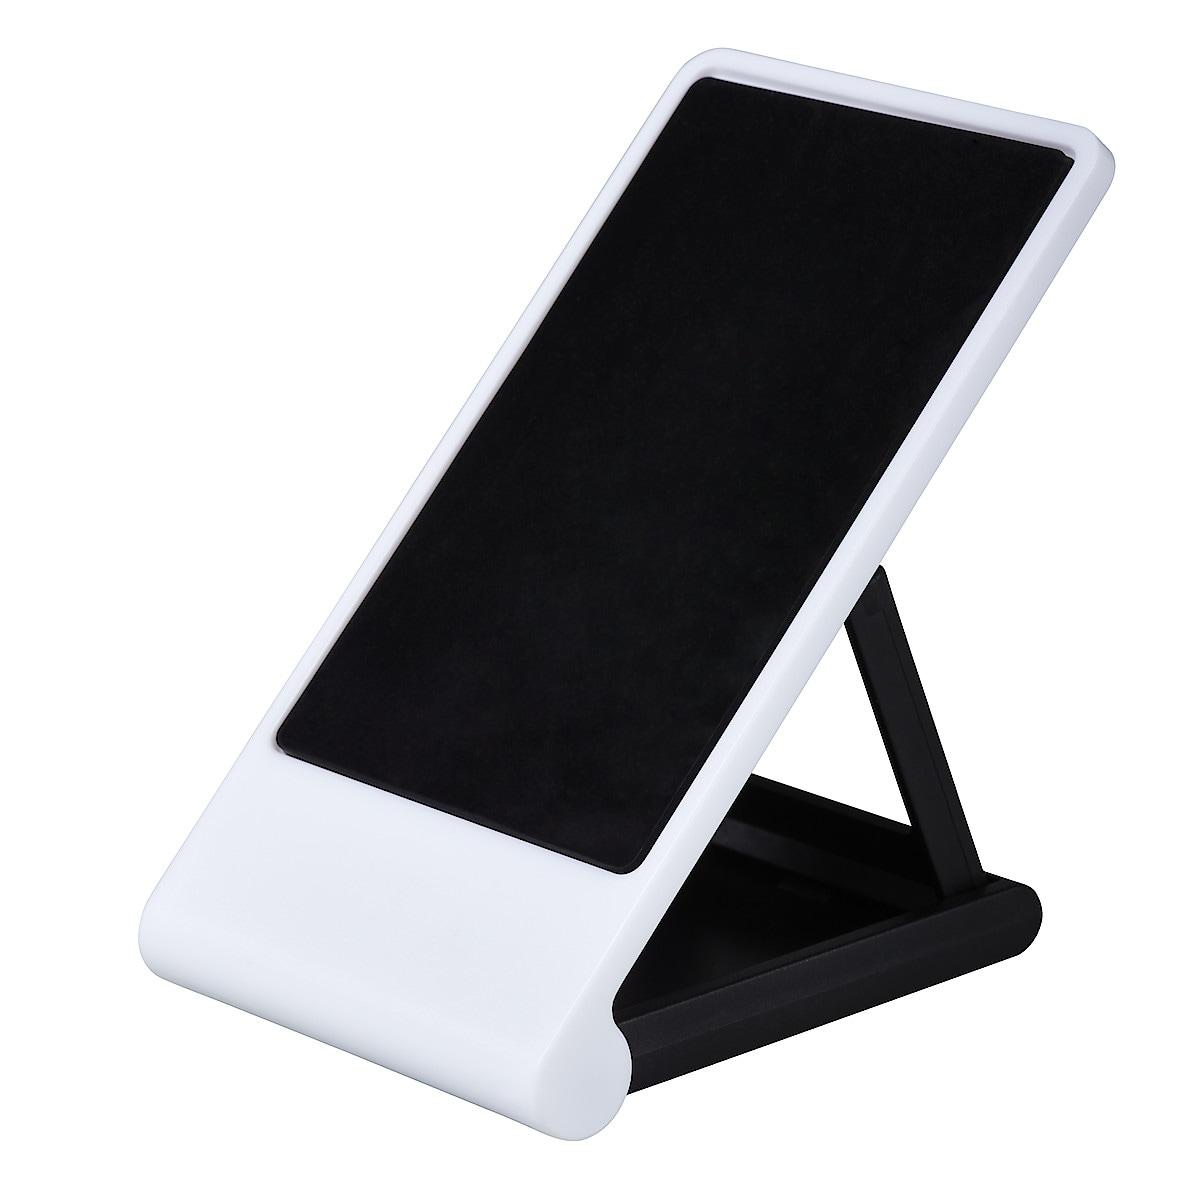 Universalholder for mobiltelefon